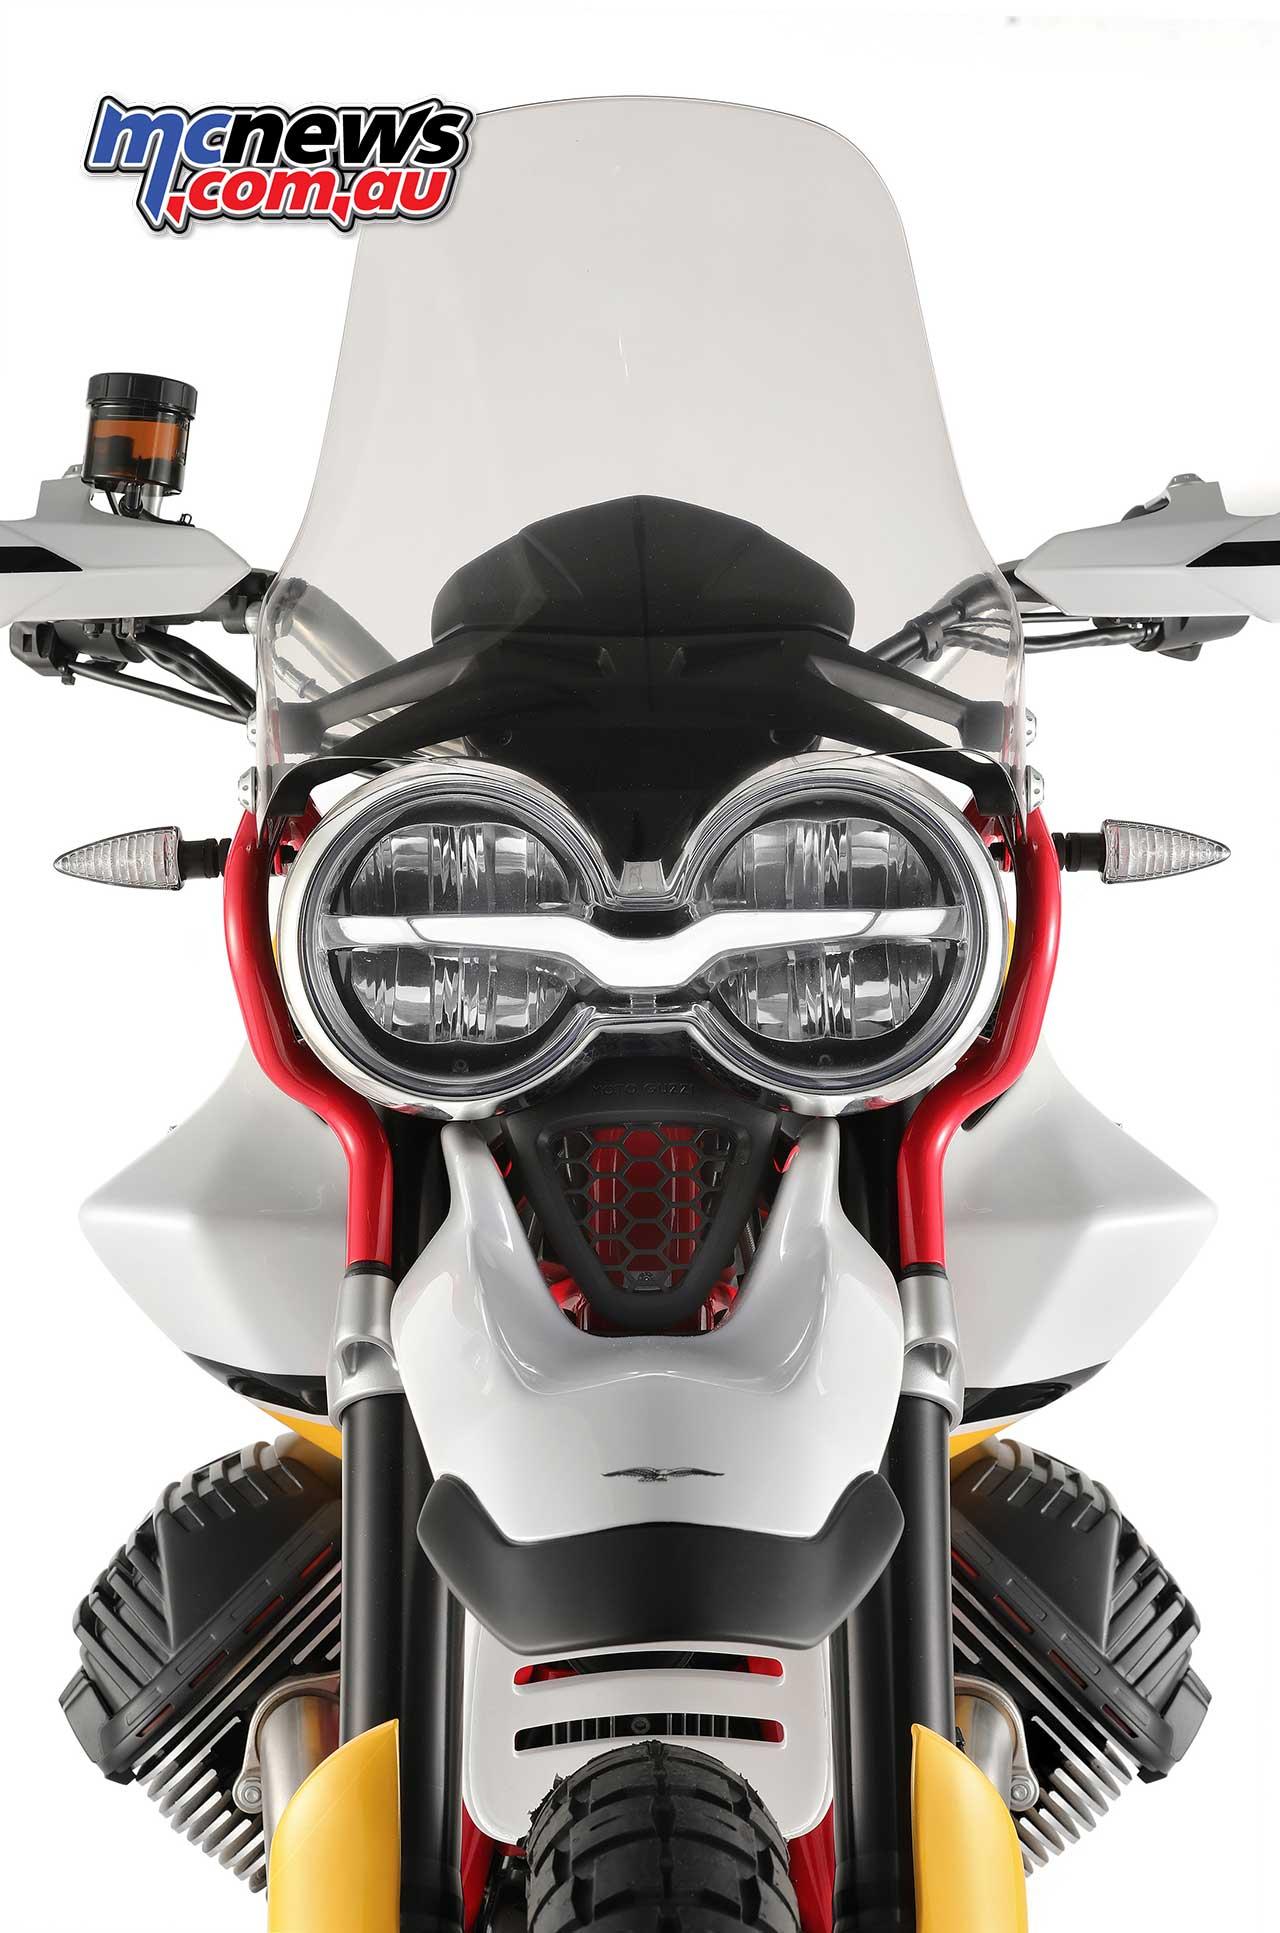 Moto Guzzi V85 | 80hp New 850cc Engine | New Frame | MCNews.com.au